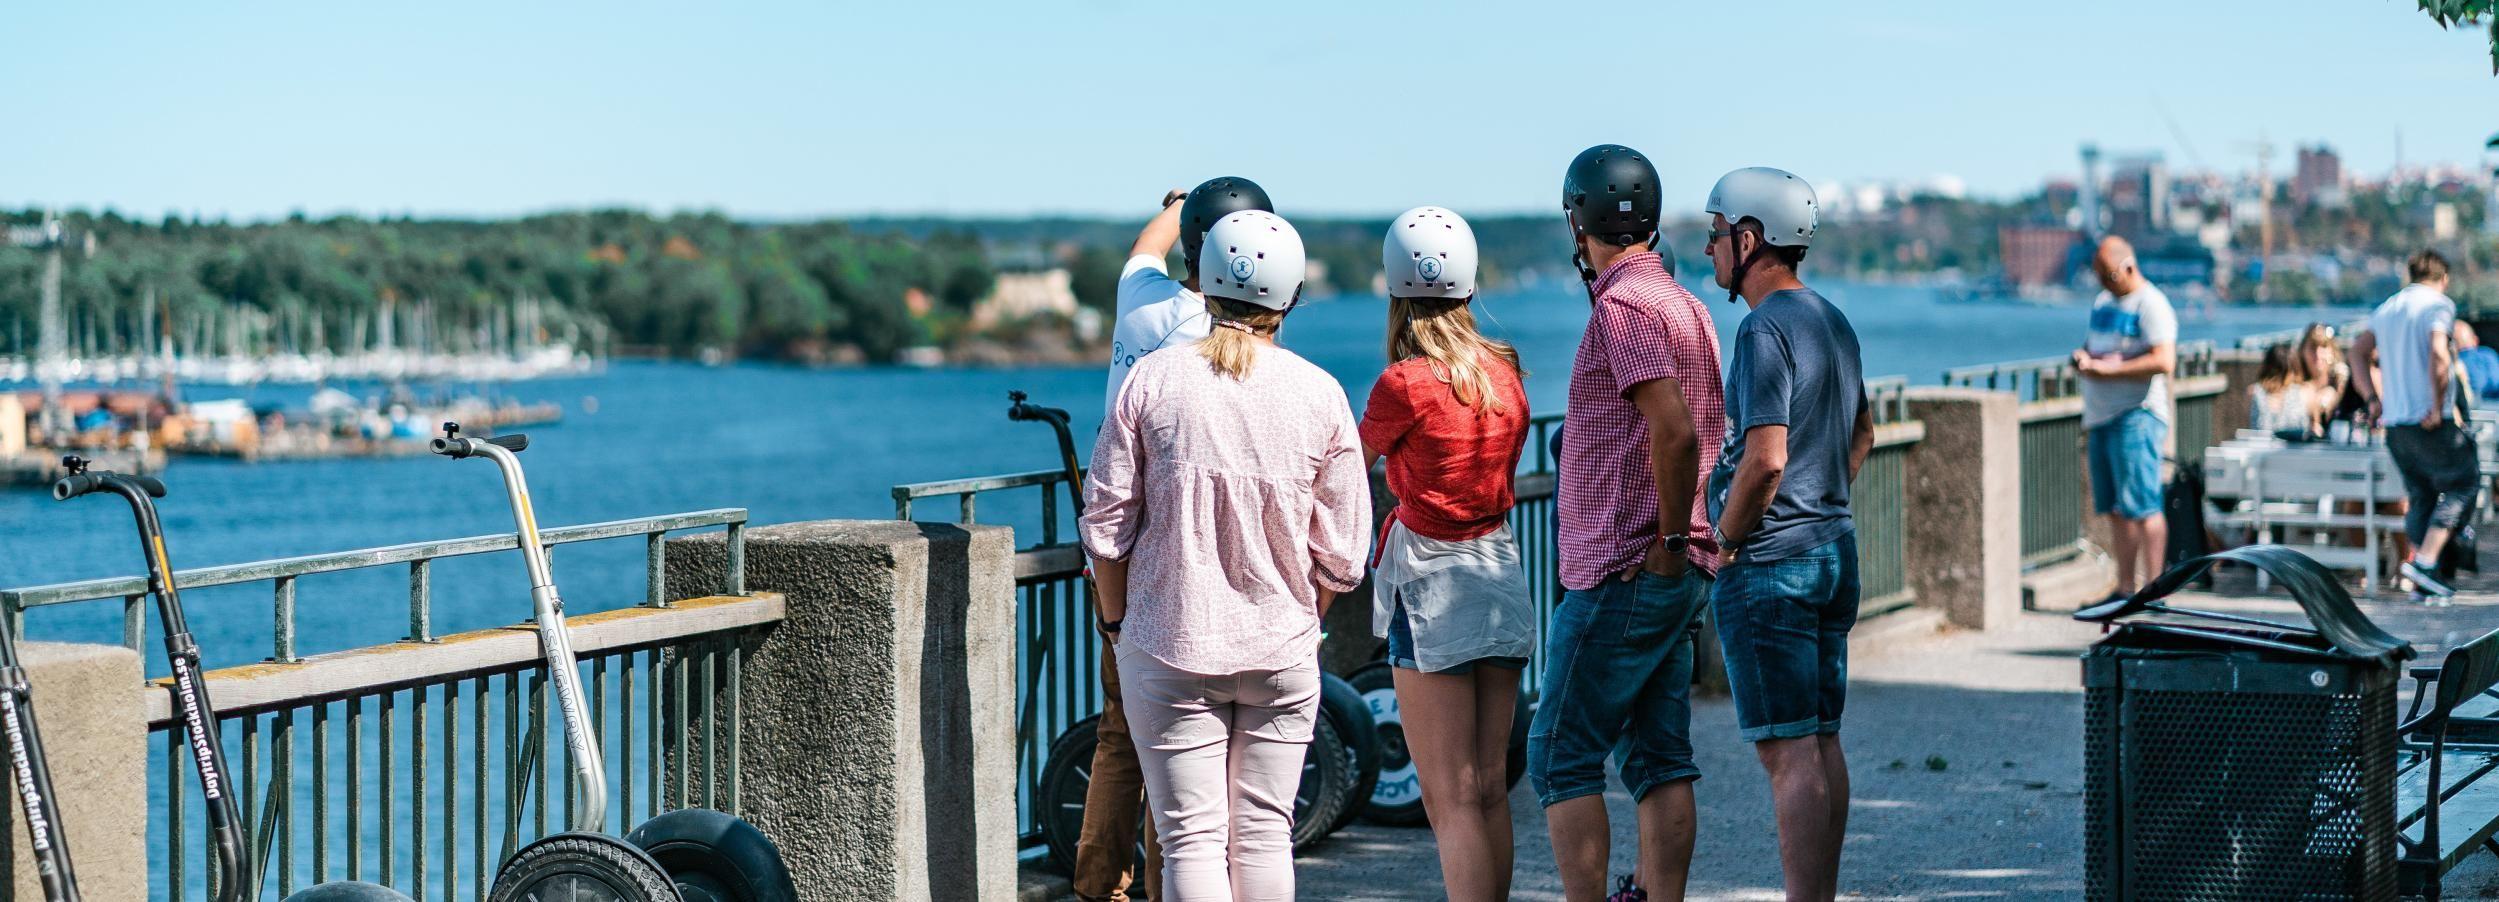 Stoccolma: tour in Segway di 2 ore e 30 minuti a Södermalm